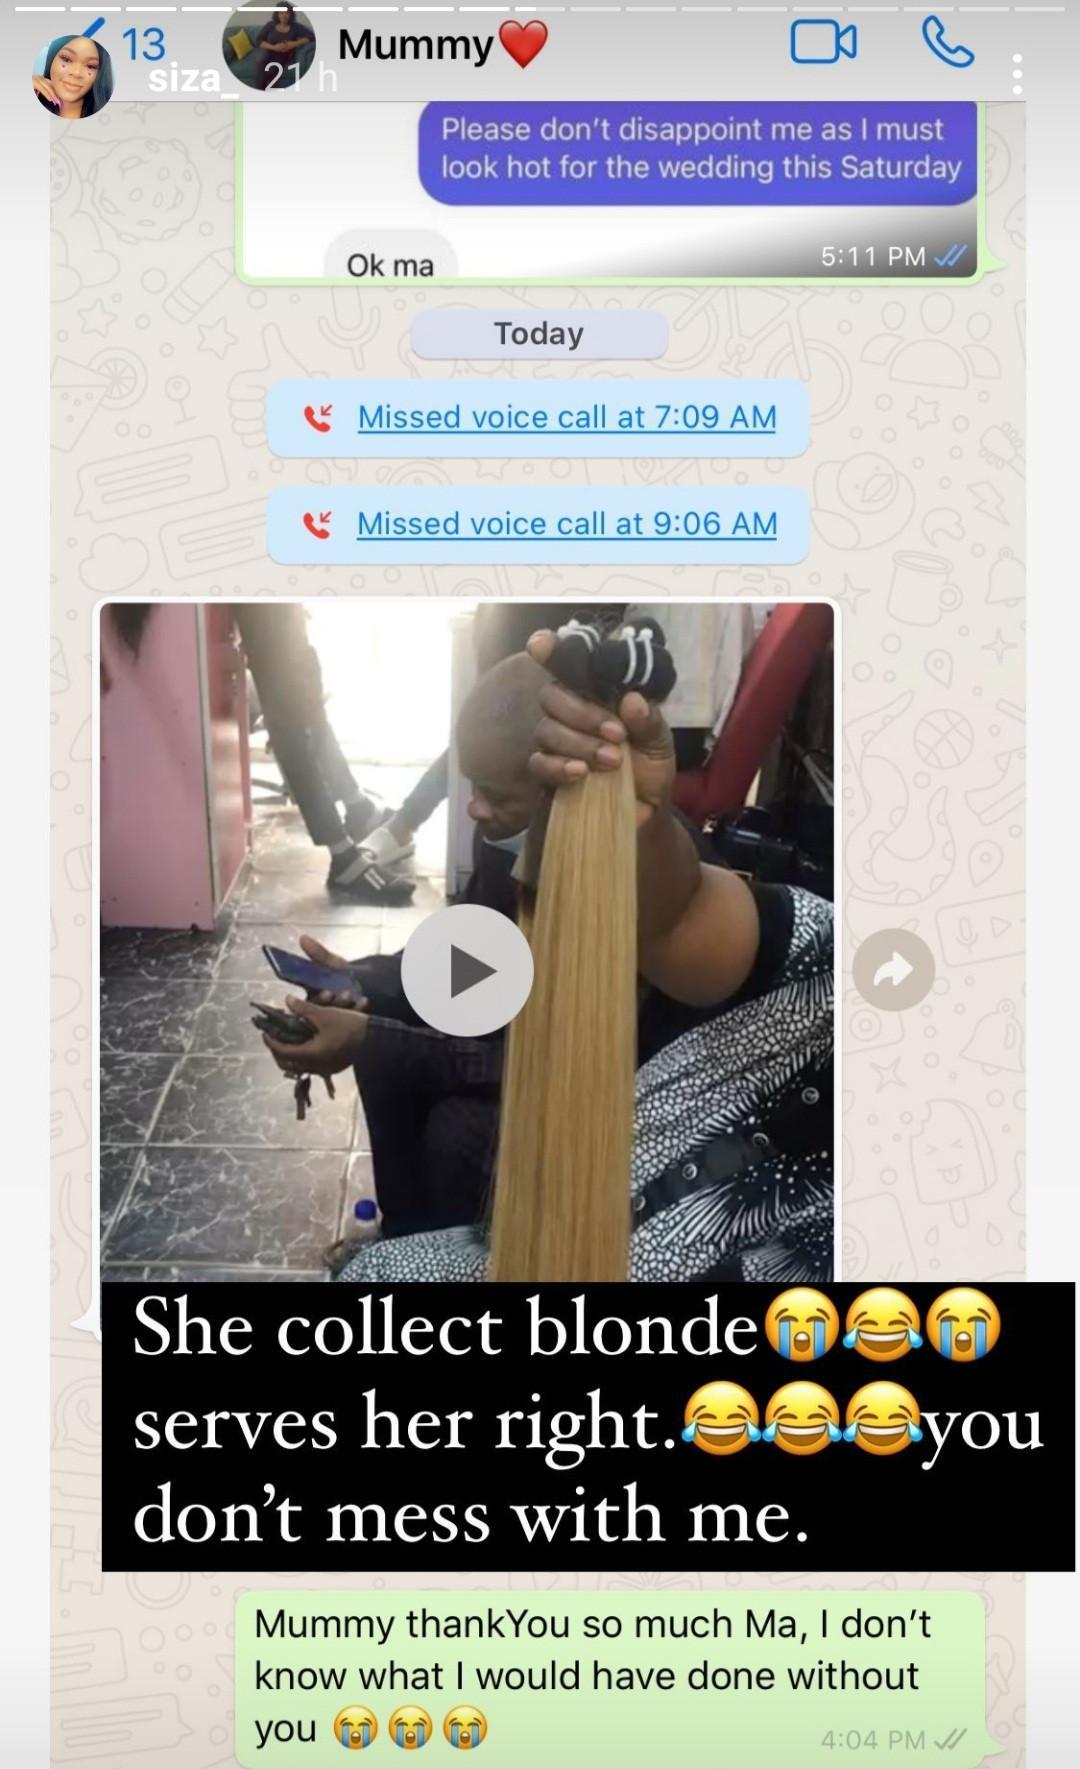 ordered delivered vendor fake